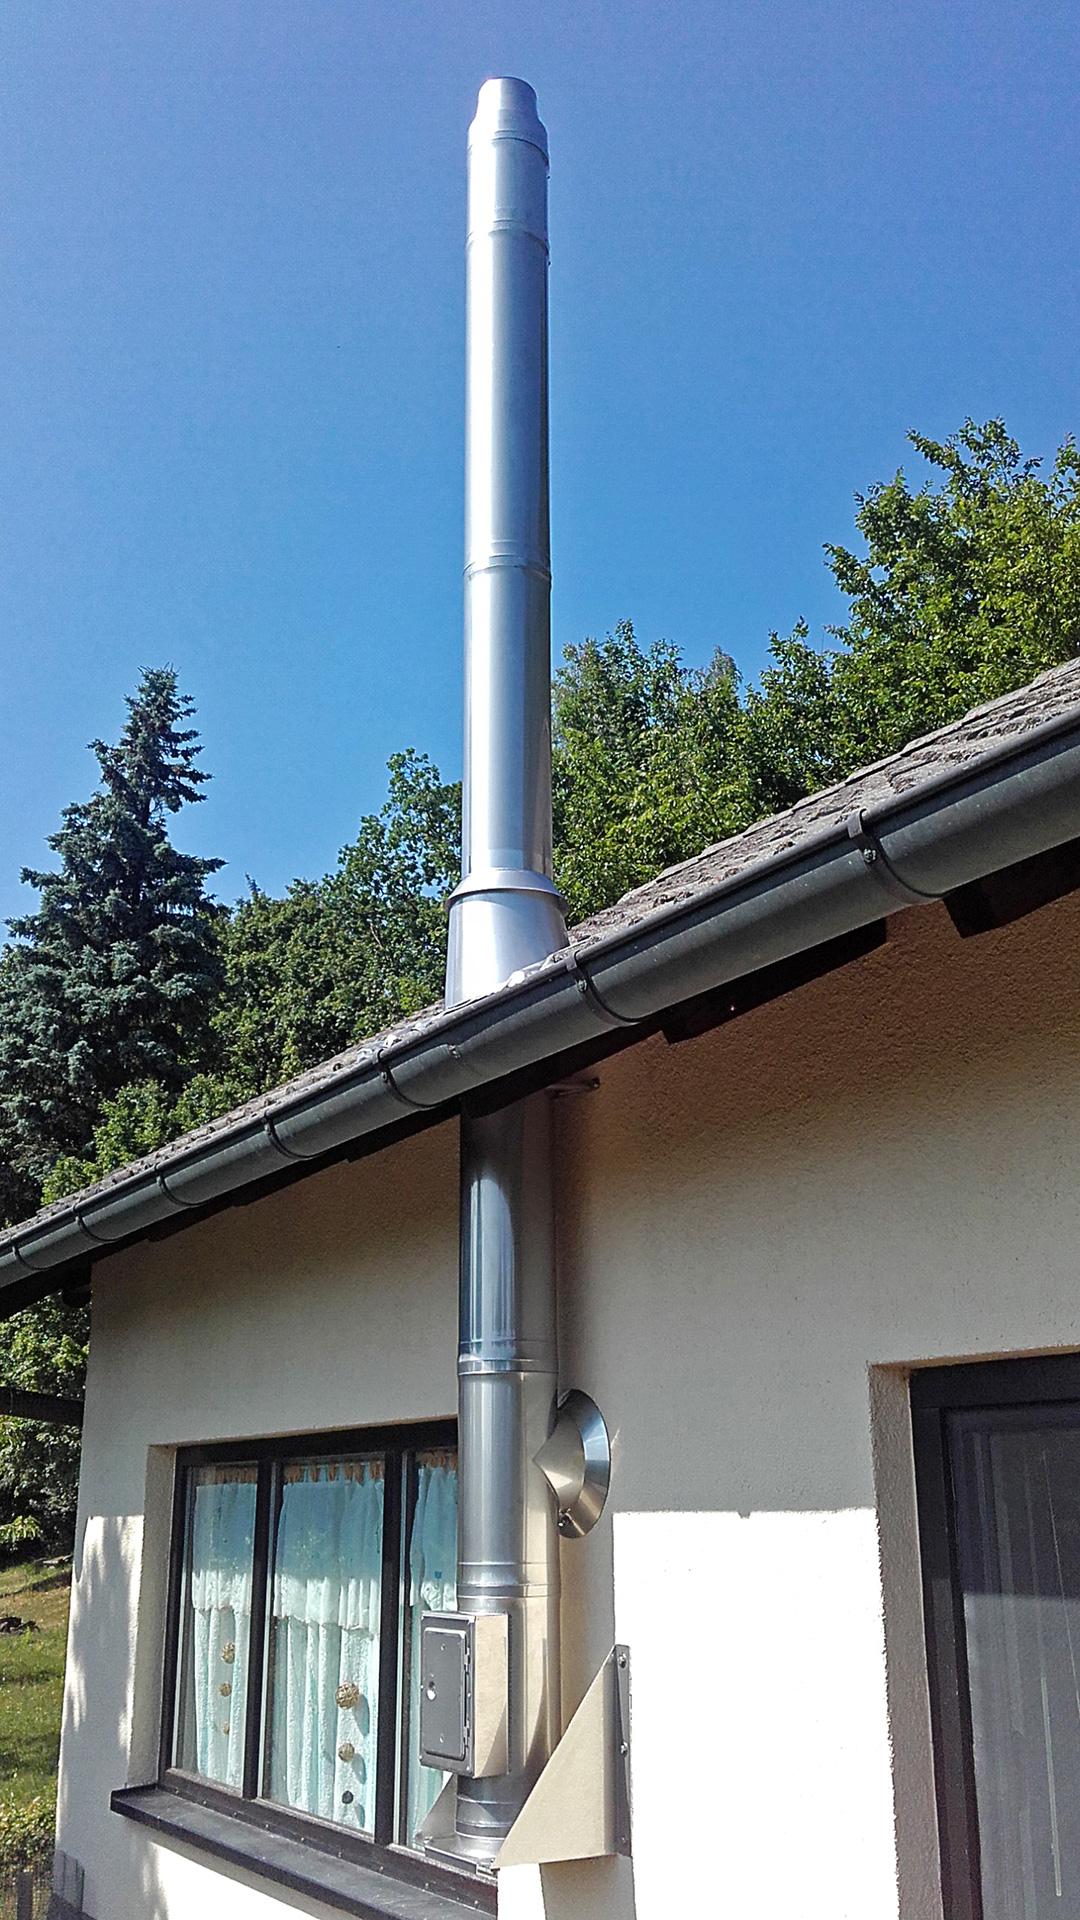 Referenz Schornsteinbau, Bild 0010